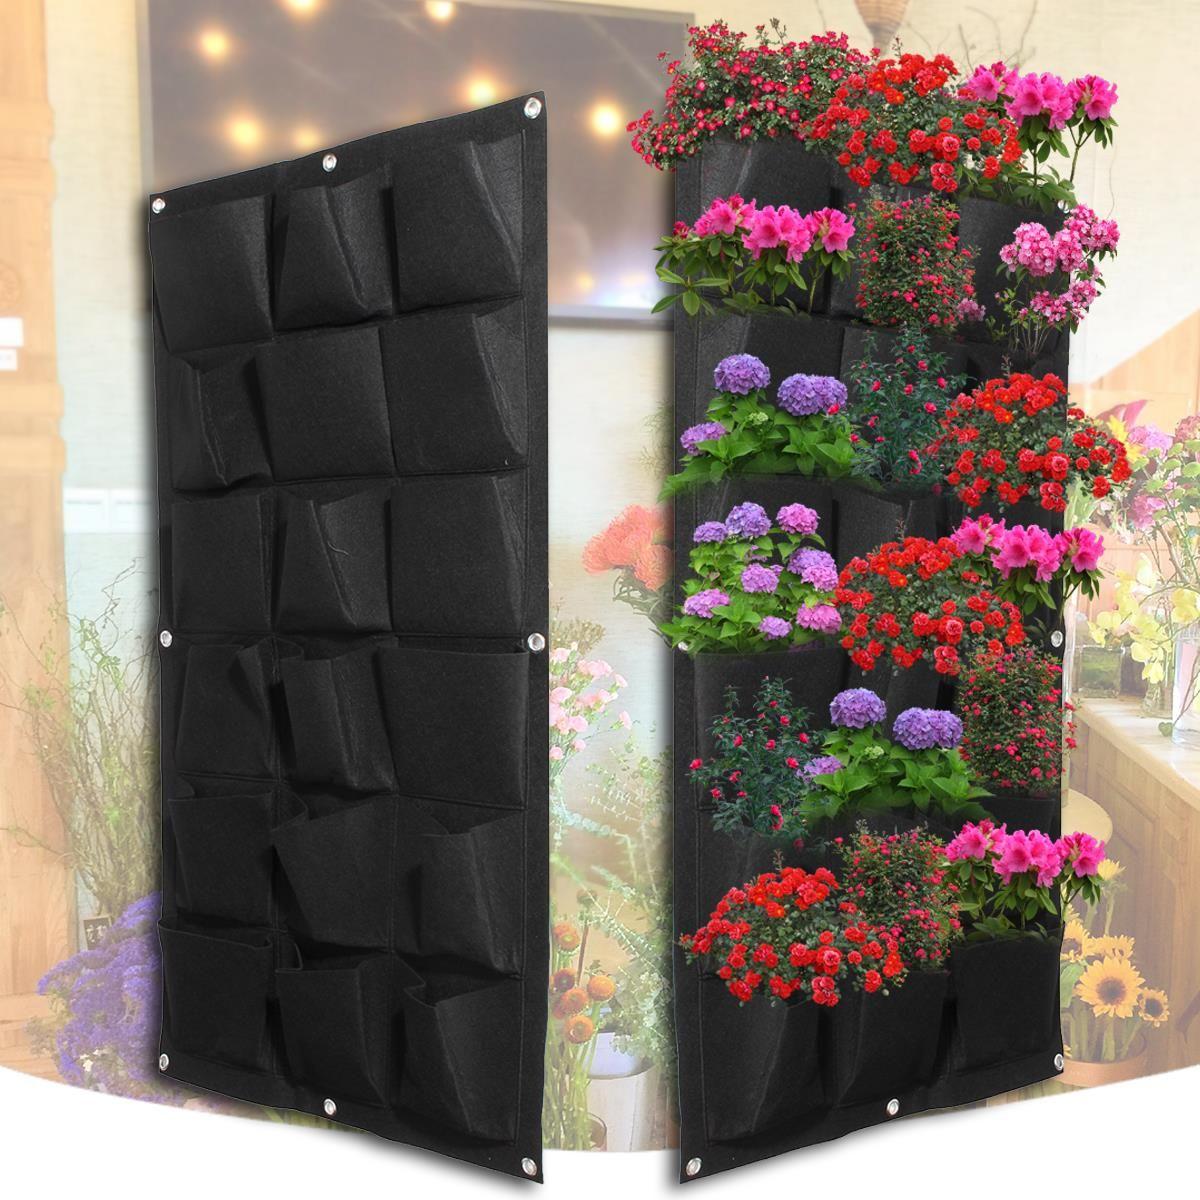 Plantation Sacs 18 Poches Pot Noir Suspendus Planteur De Jardin Vertical Mur Fleur Accueil Intérieur Extérieur Balcon Jardinage Semis